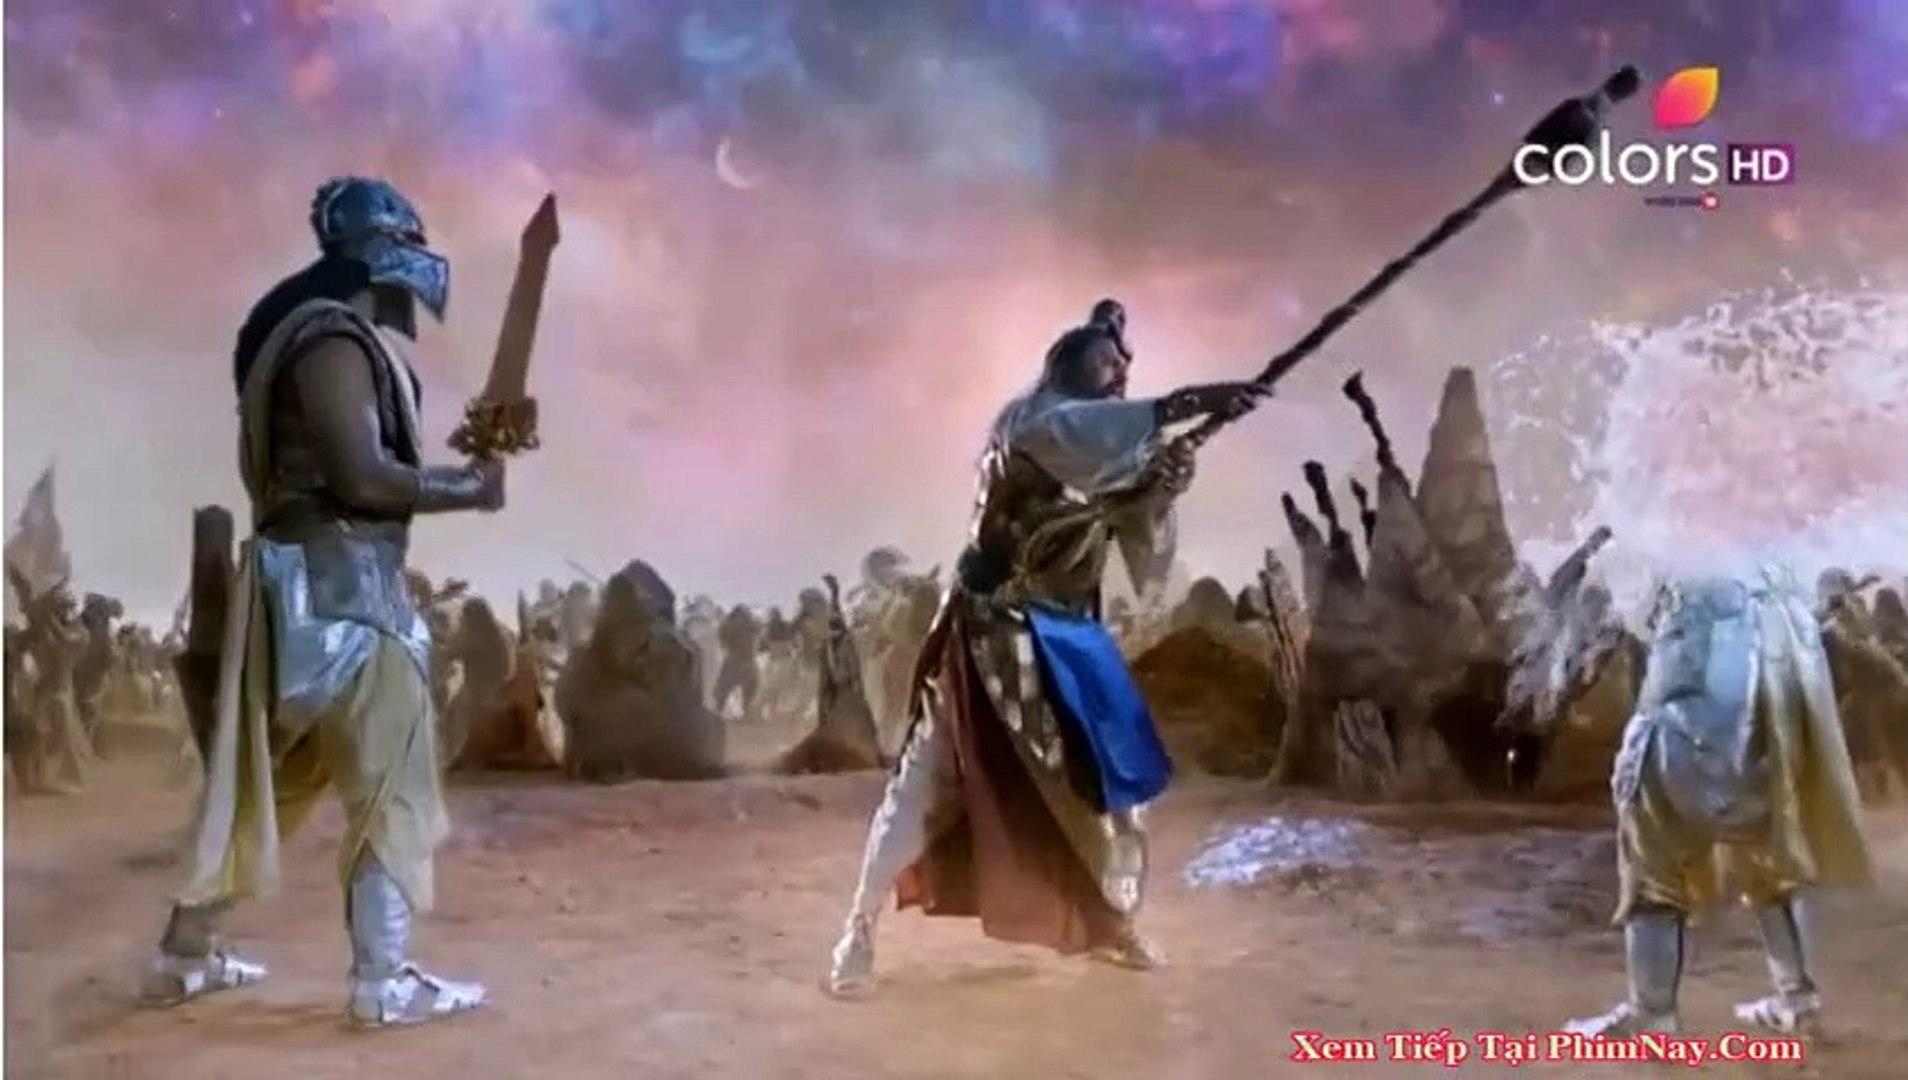 Cuộc Chiến Các Vị Thần Tập 1 - Phim THVL1 - Phim VTVcab 5 - phim mới sắp chiếu- - Phim Ấn Độ